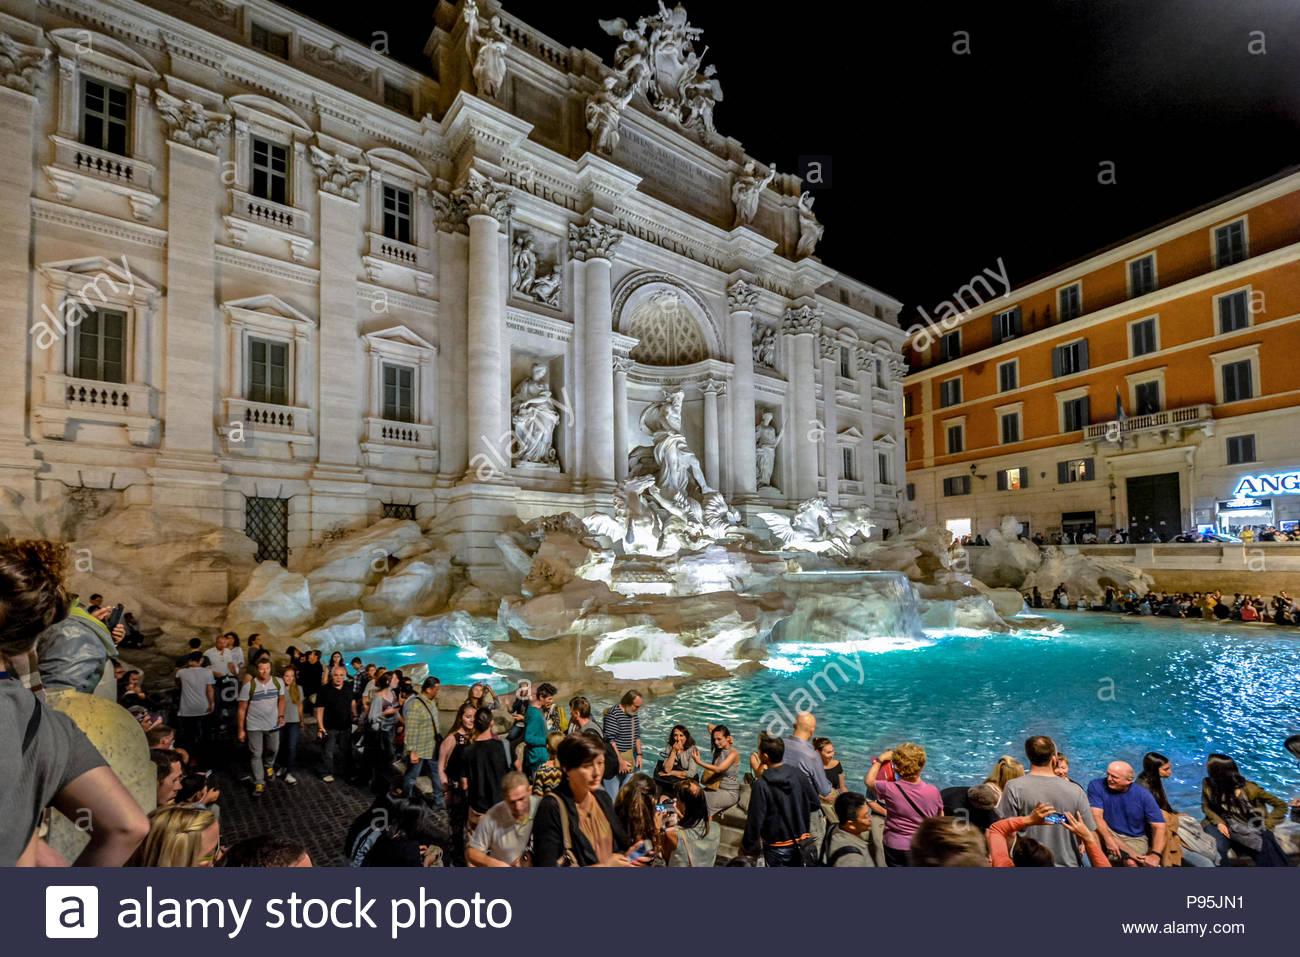 Fuente de Trevi en Roma Italia coloridamente iluminado en la noche con los turistas que lo rodea en una cálida tarde de verano. Imagen De Stock